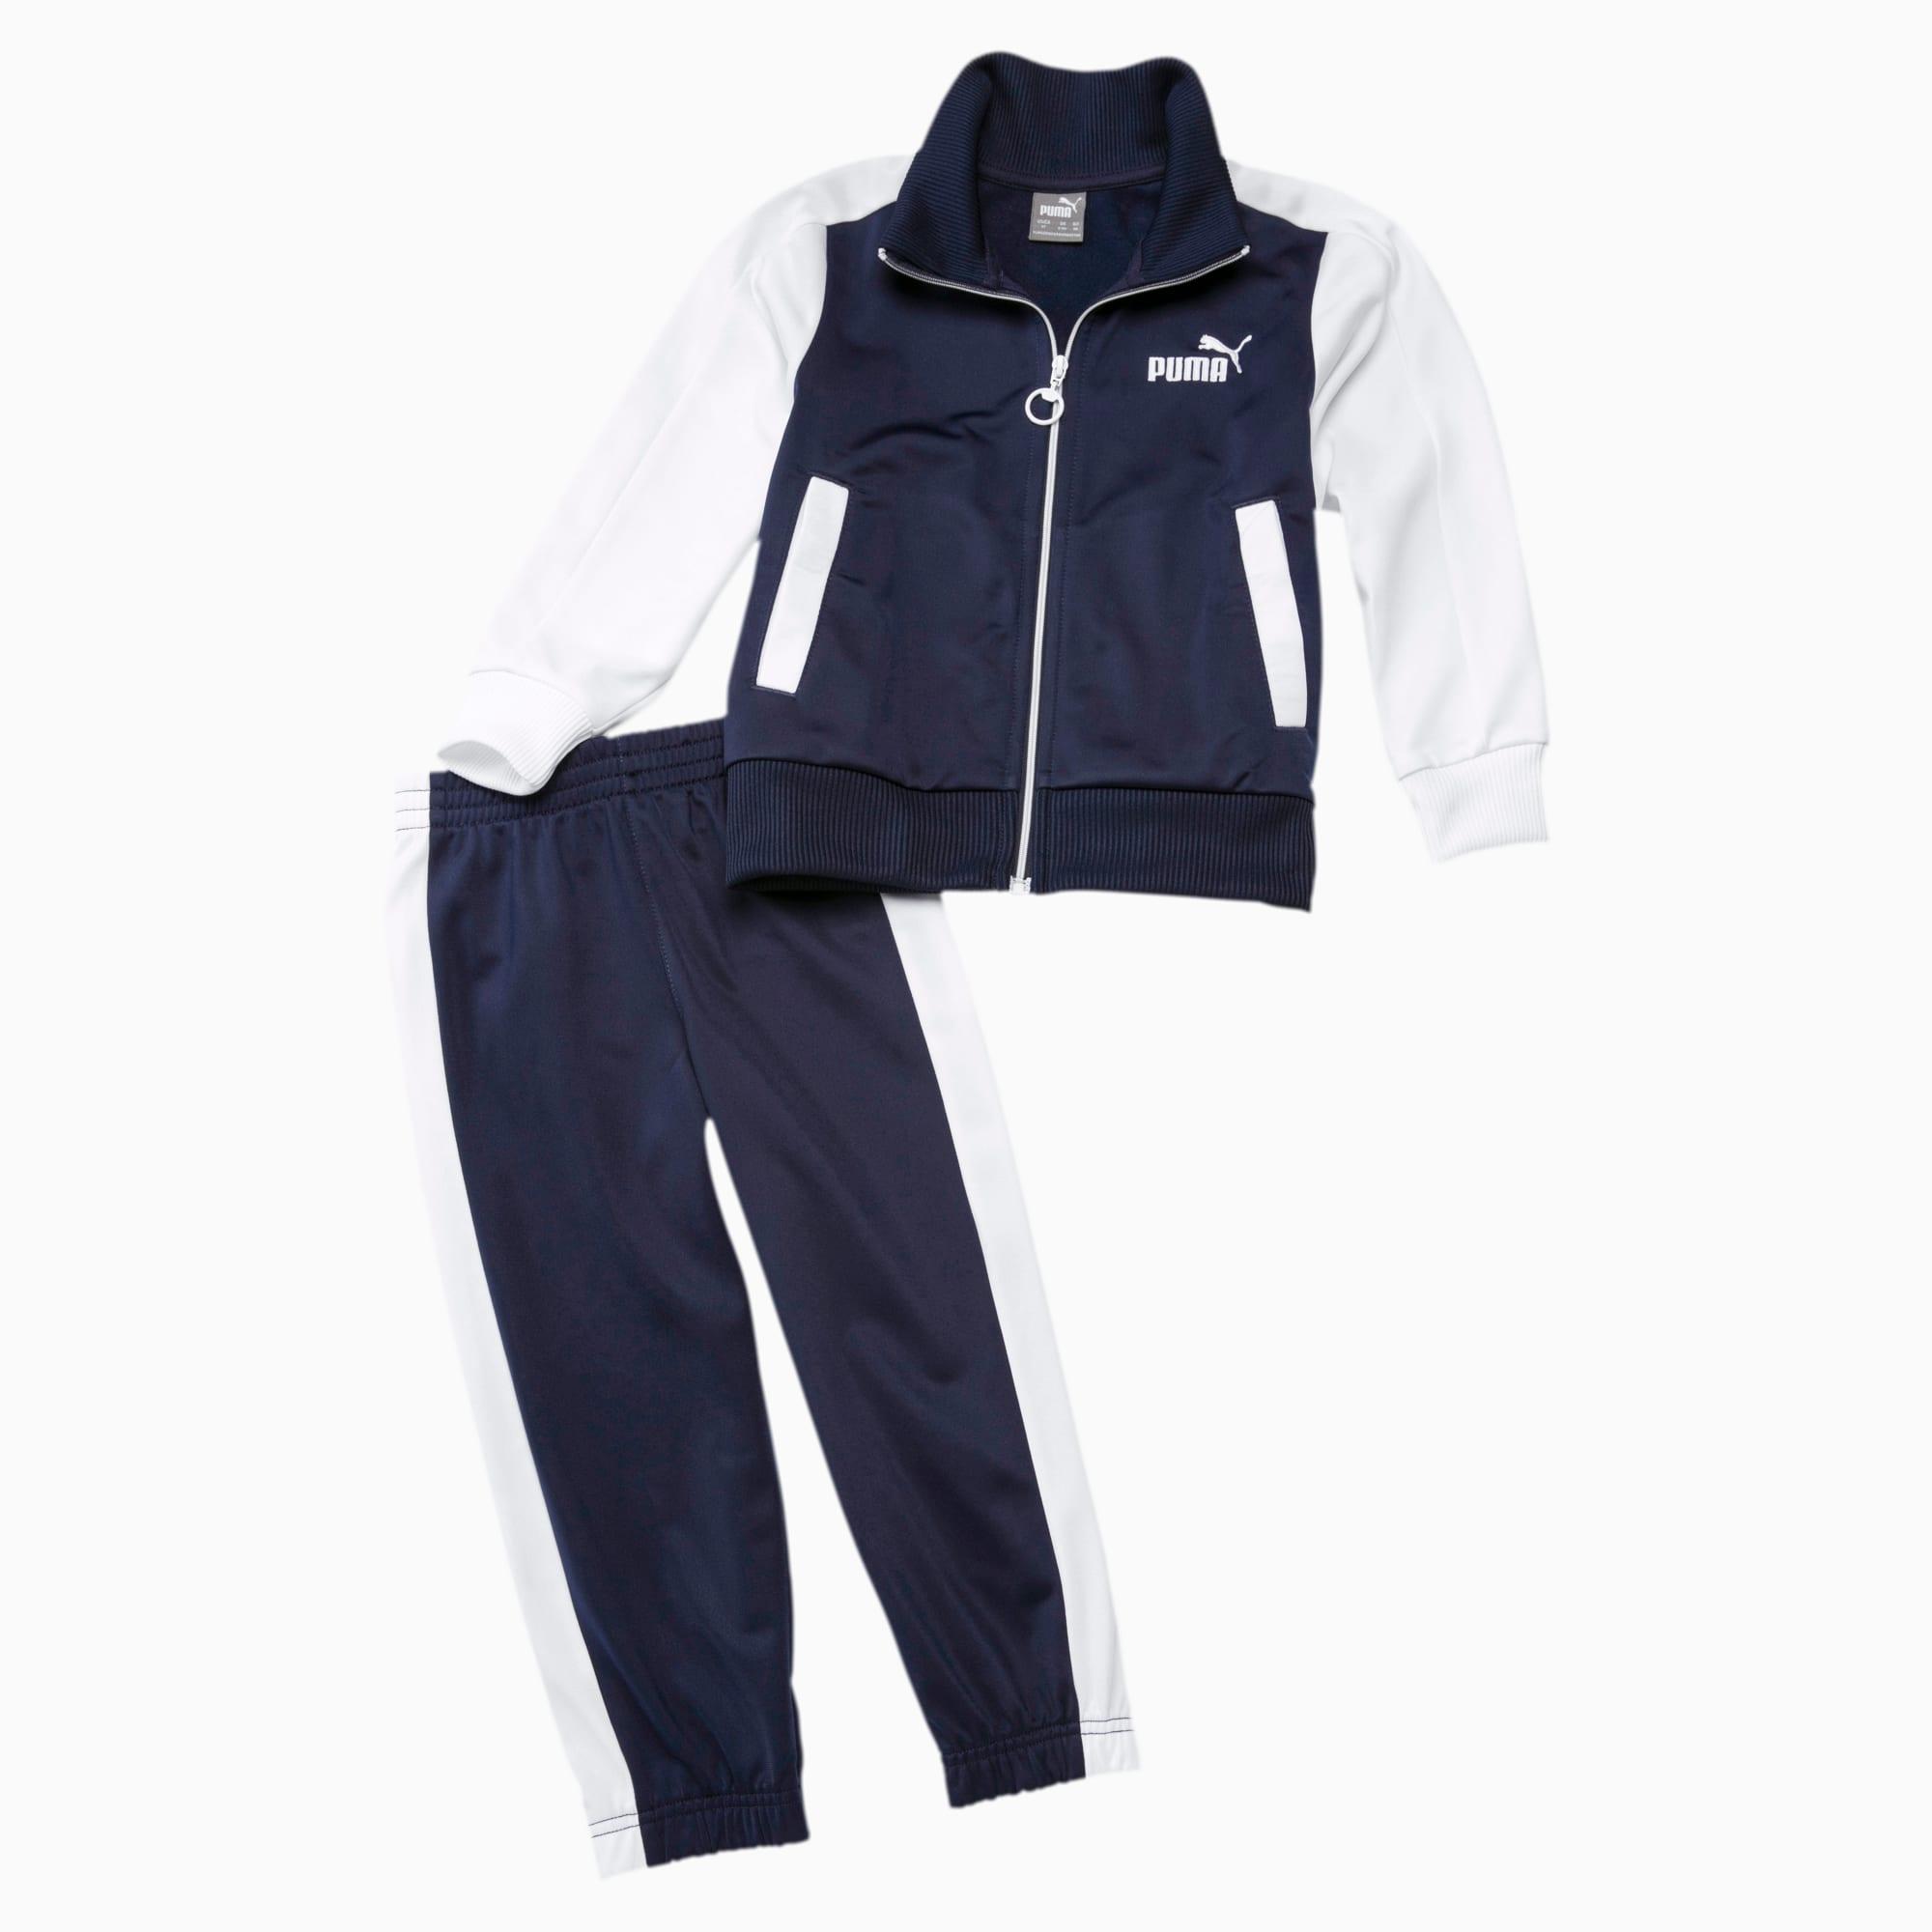 PUMA Baby Trainingsanzug Für Kinder | Mit Aucun | Blau/Weiß | Größe: 98